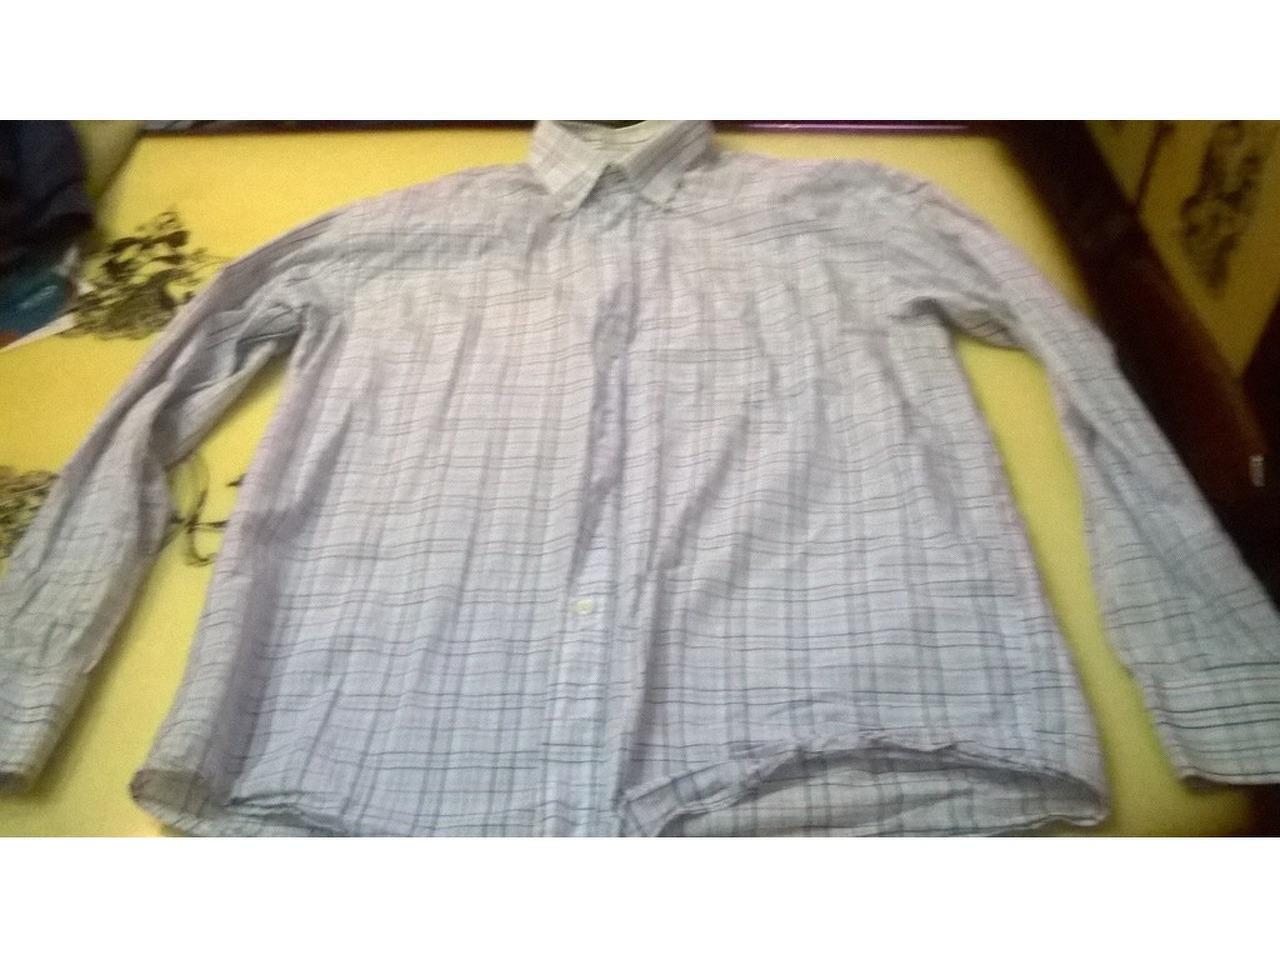 Camisas Califa, Barred's, G.Fellini, A.Milano, etc - 3/7